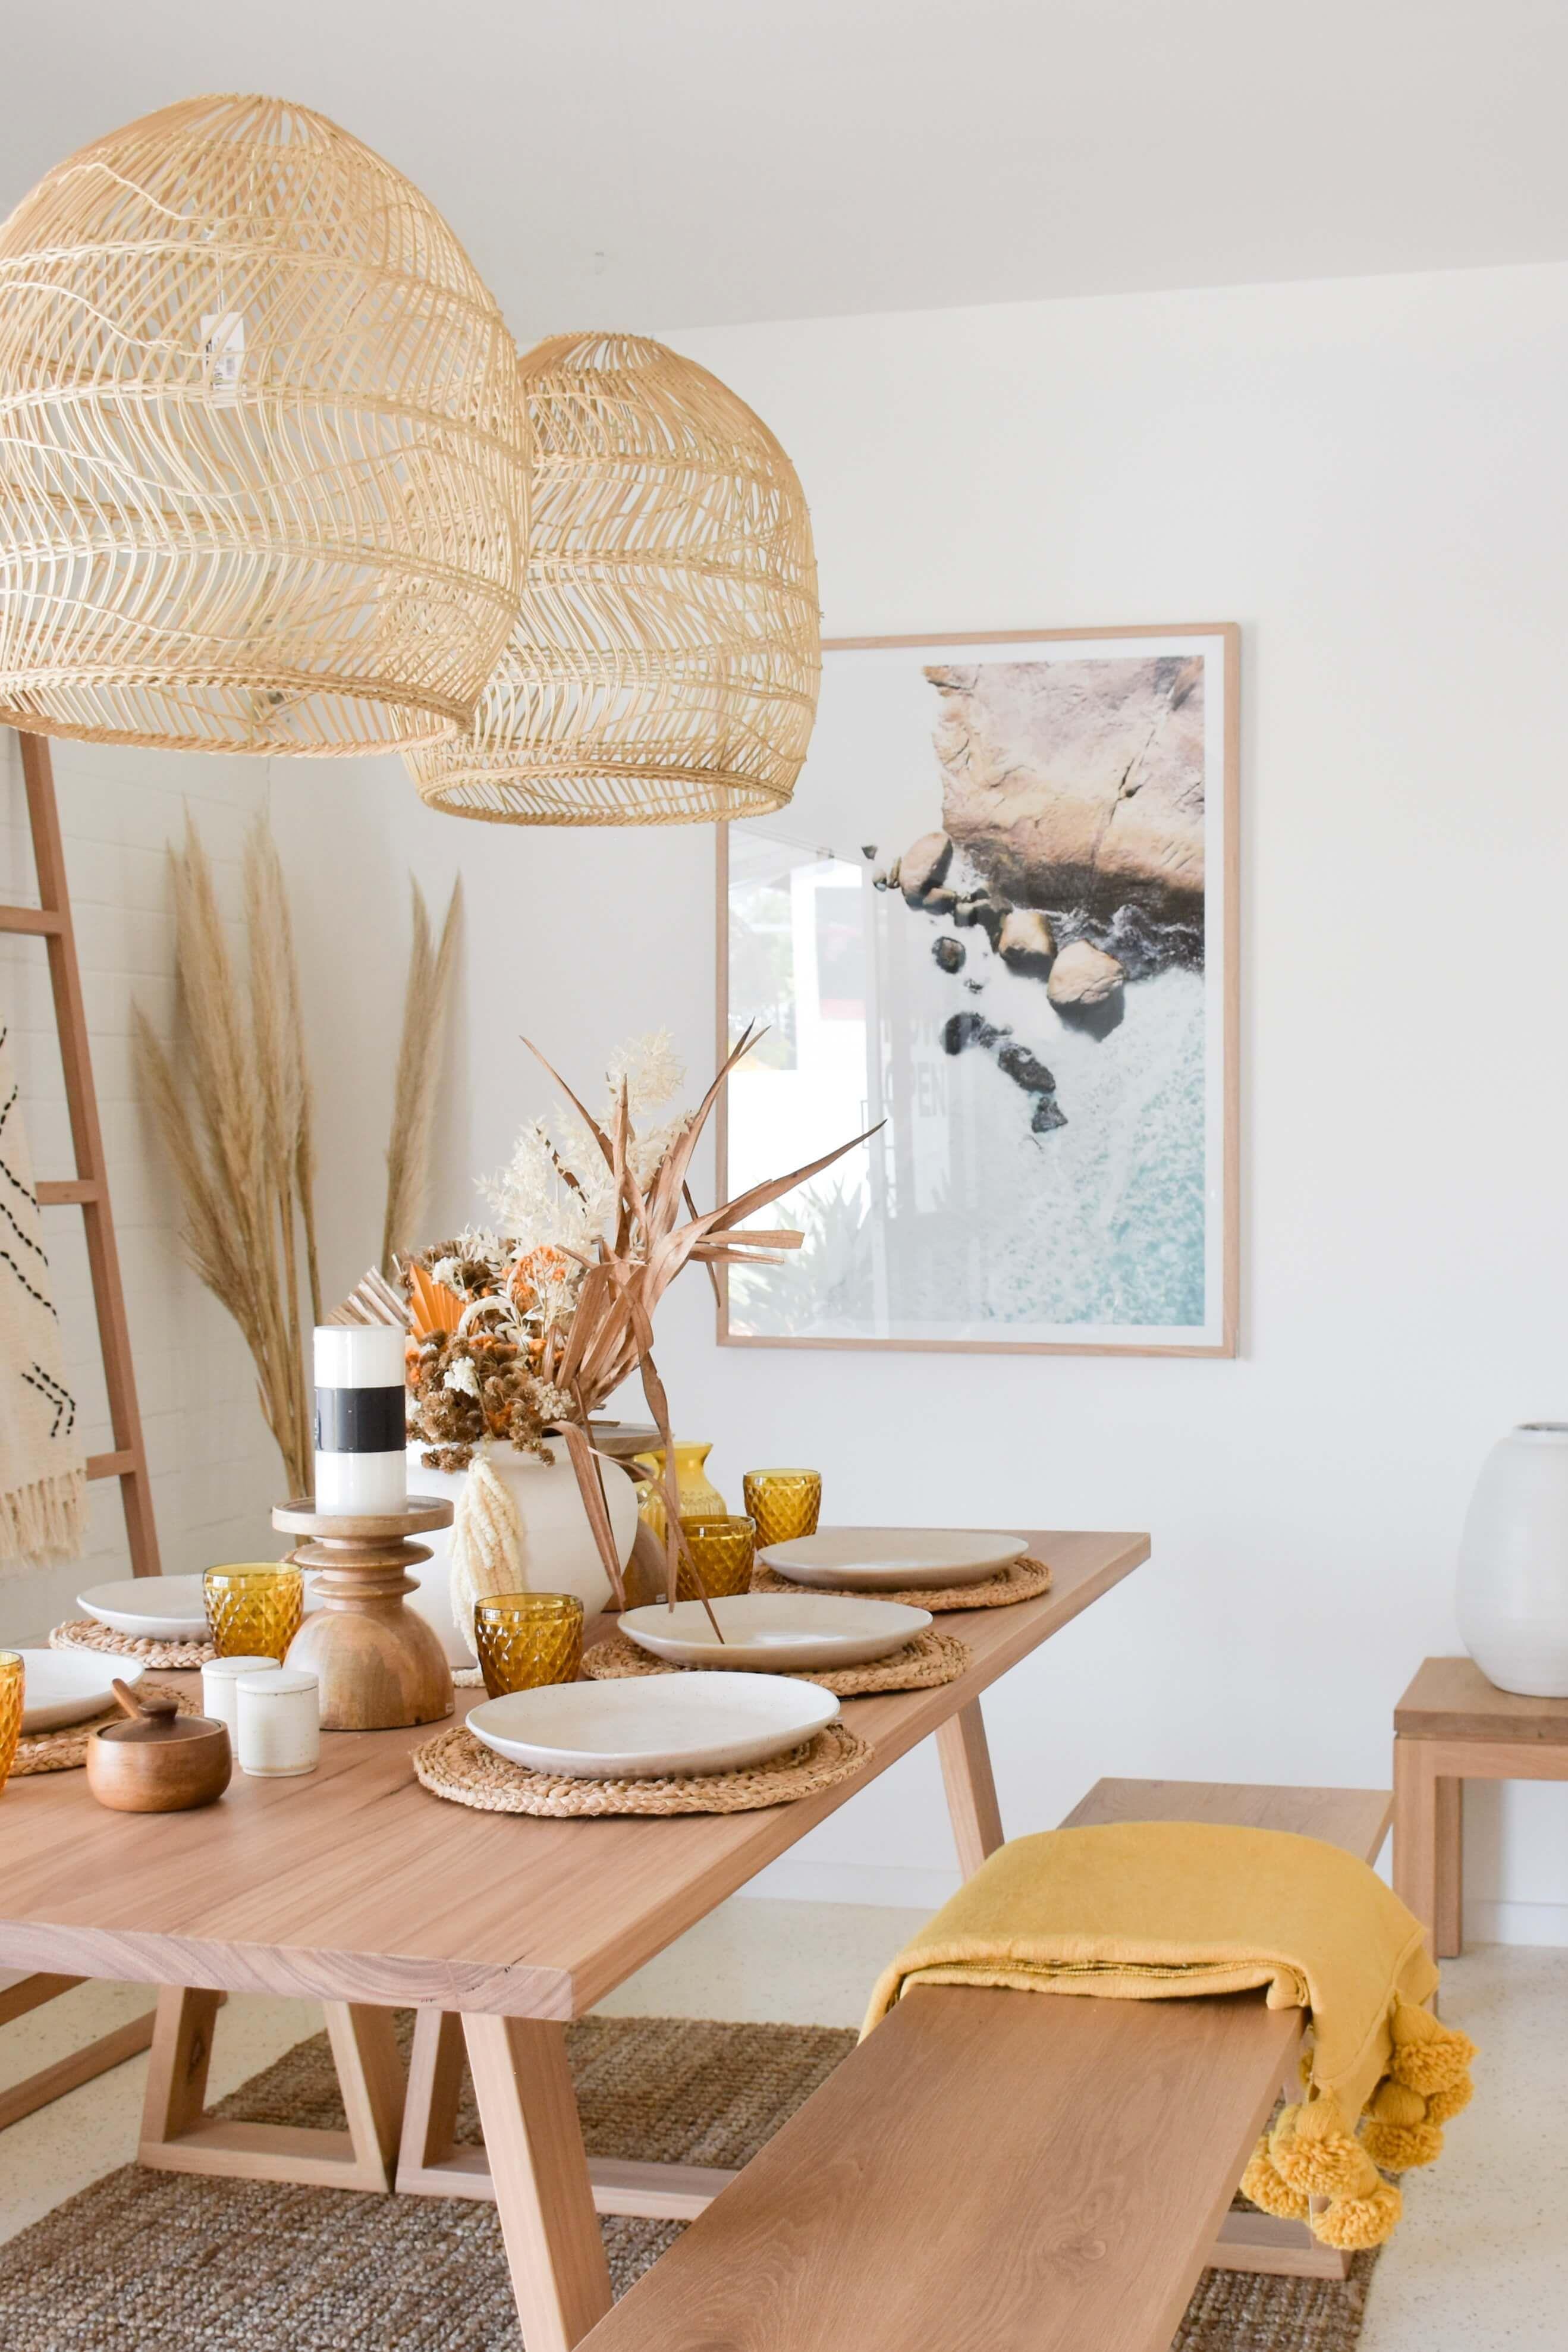 Dining Room Envy  #kitchenfurniture